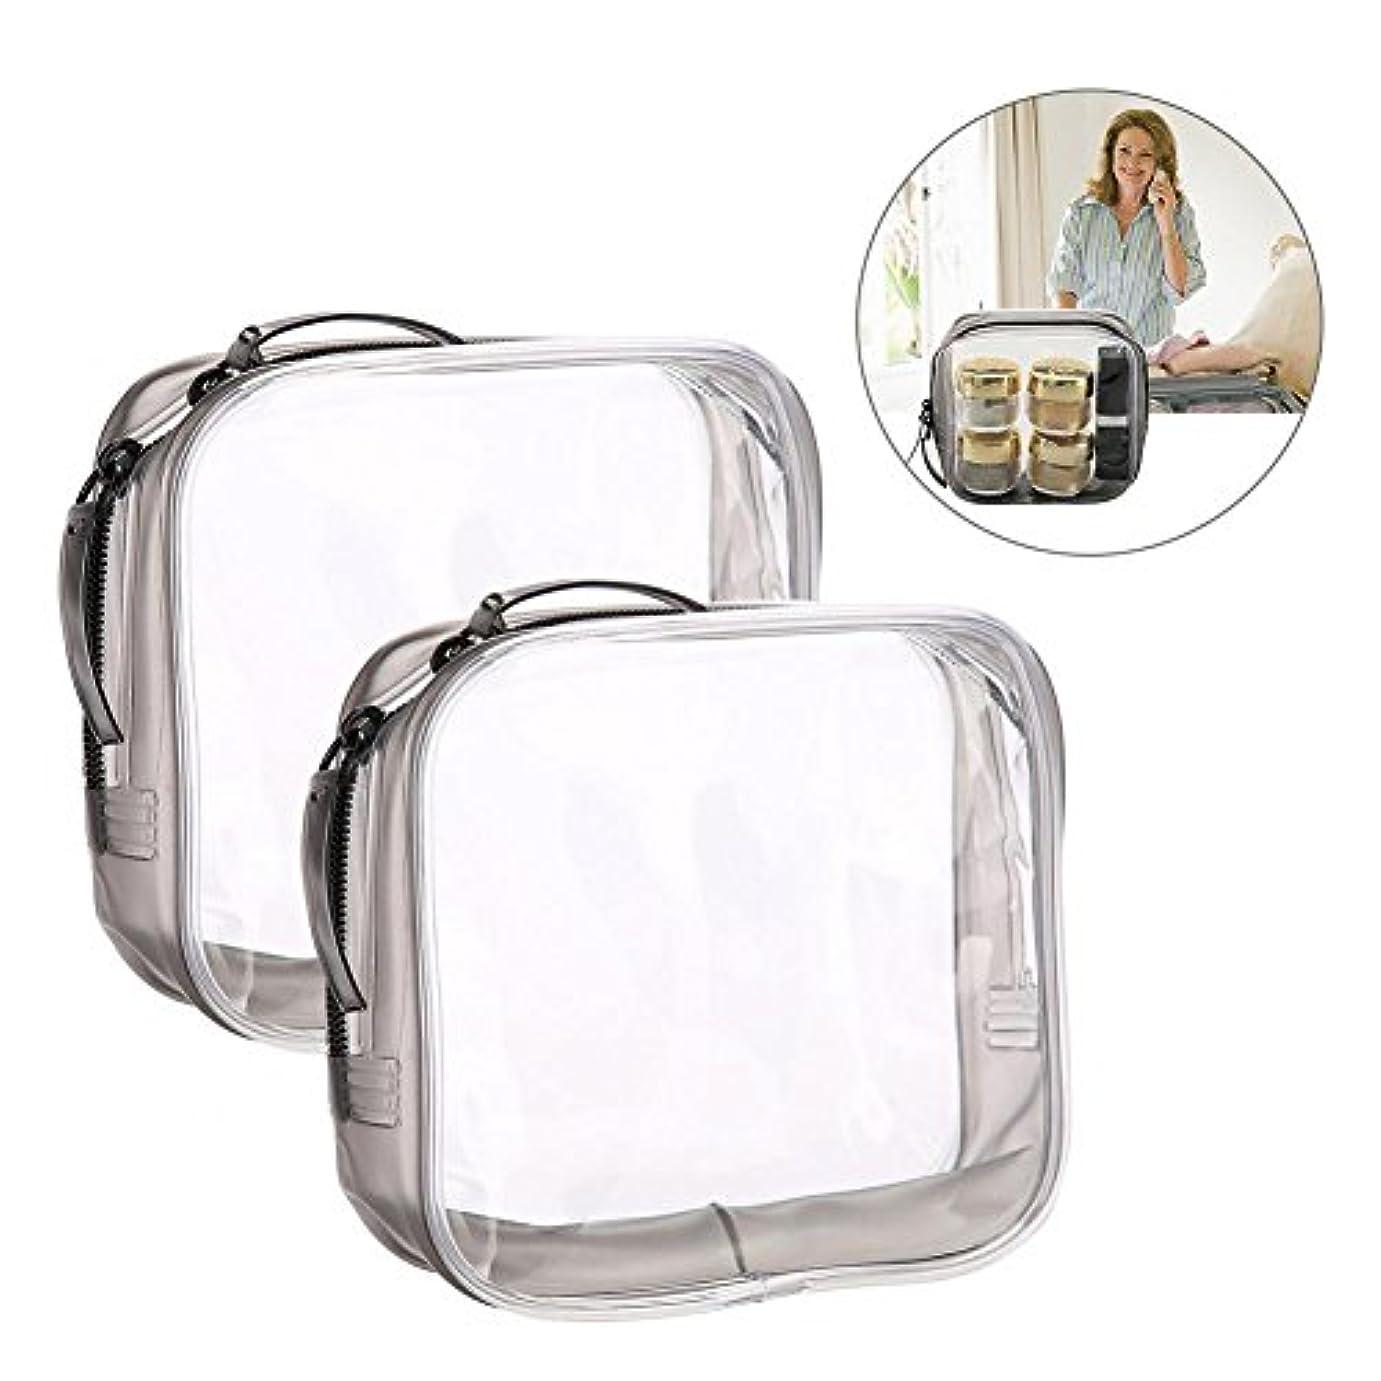 船尾苦いジョージバーナードメイクアップバッグ 旅行&家庭用 収納トイレタリー 透明 PVC 化粧品バッグ(S)